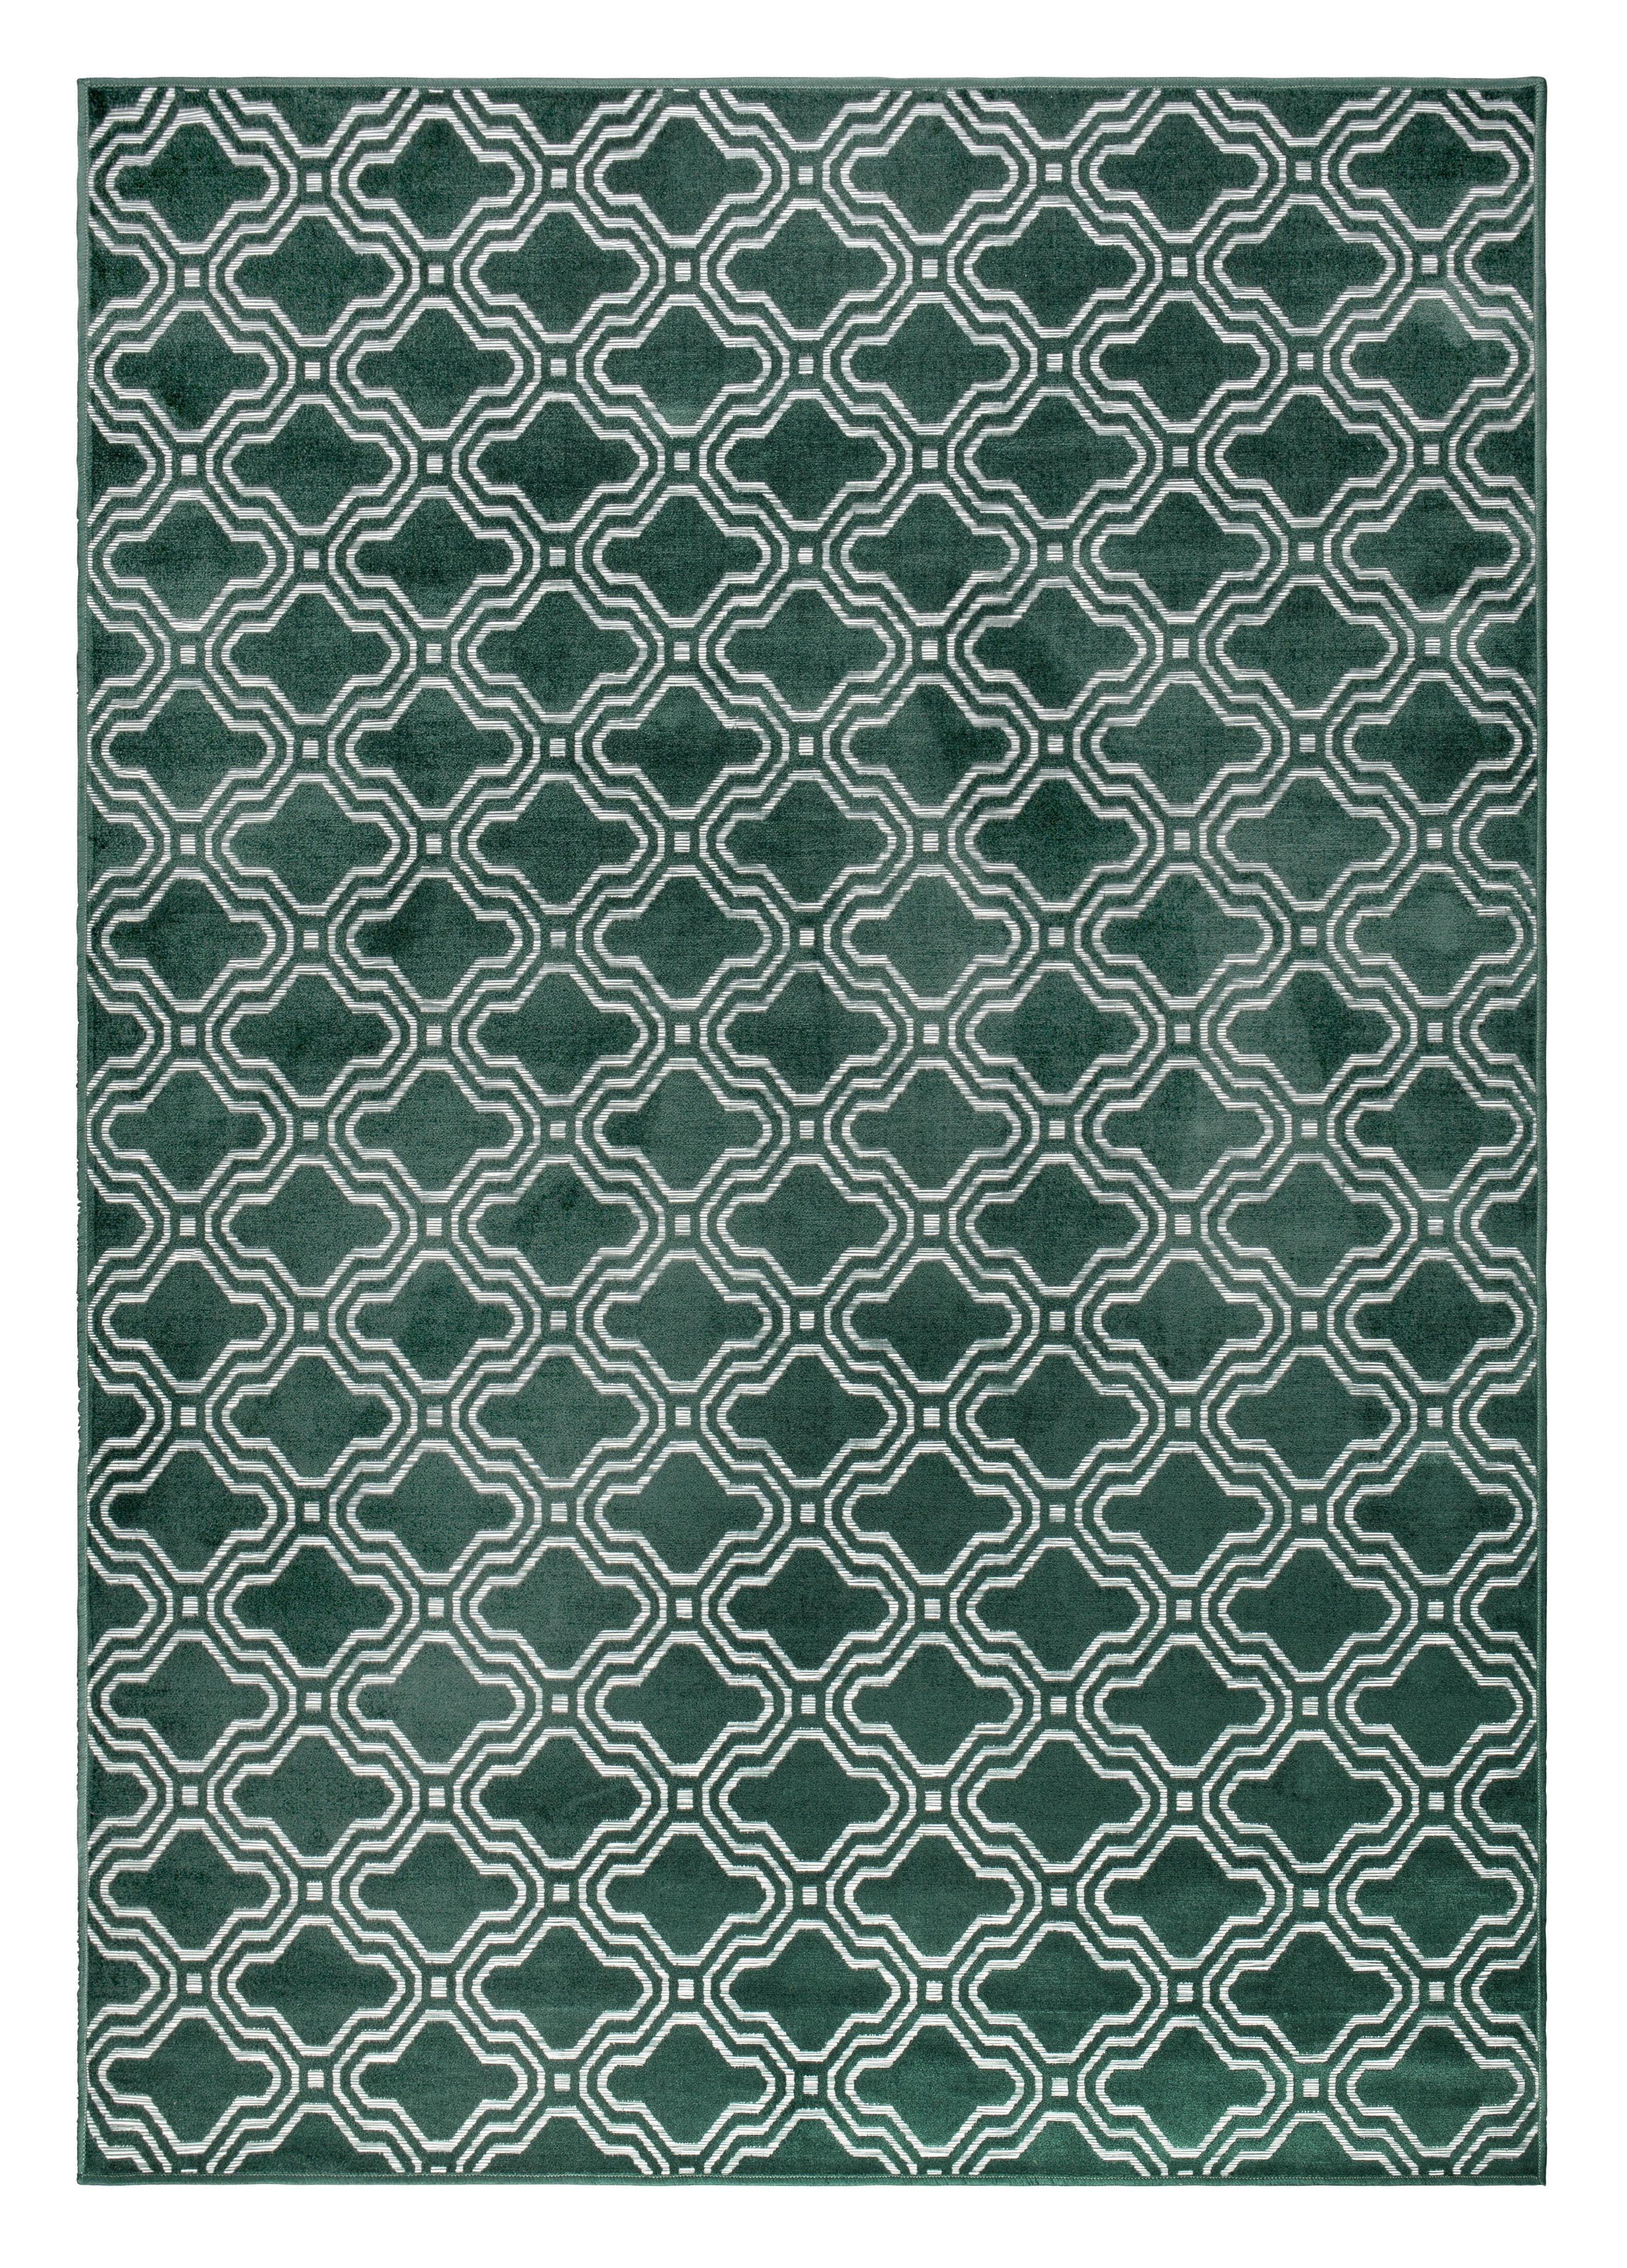 Vloerkleed 'Reynaldo' 160 x 230cm, kleur groen 52% viscose, 36% katoen, 12% polyester aanschaffen? Kijk hier!